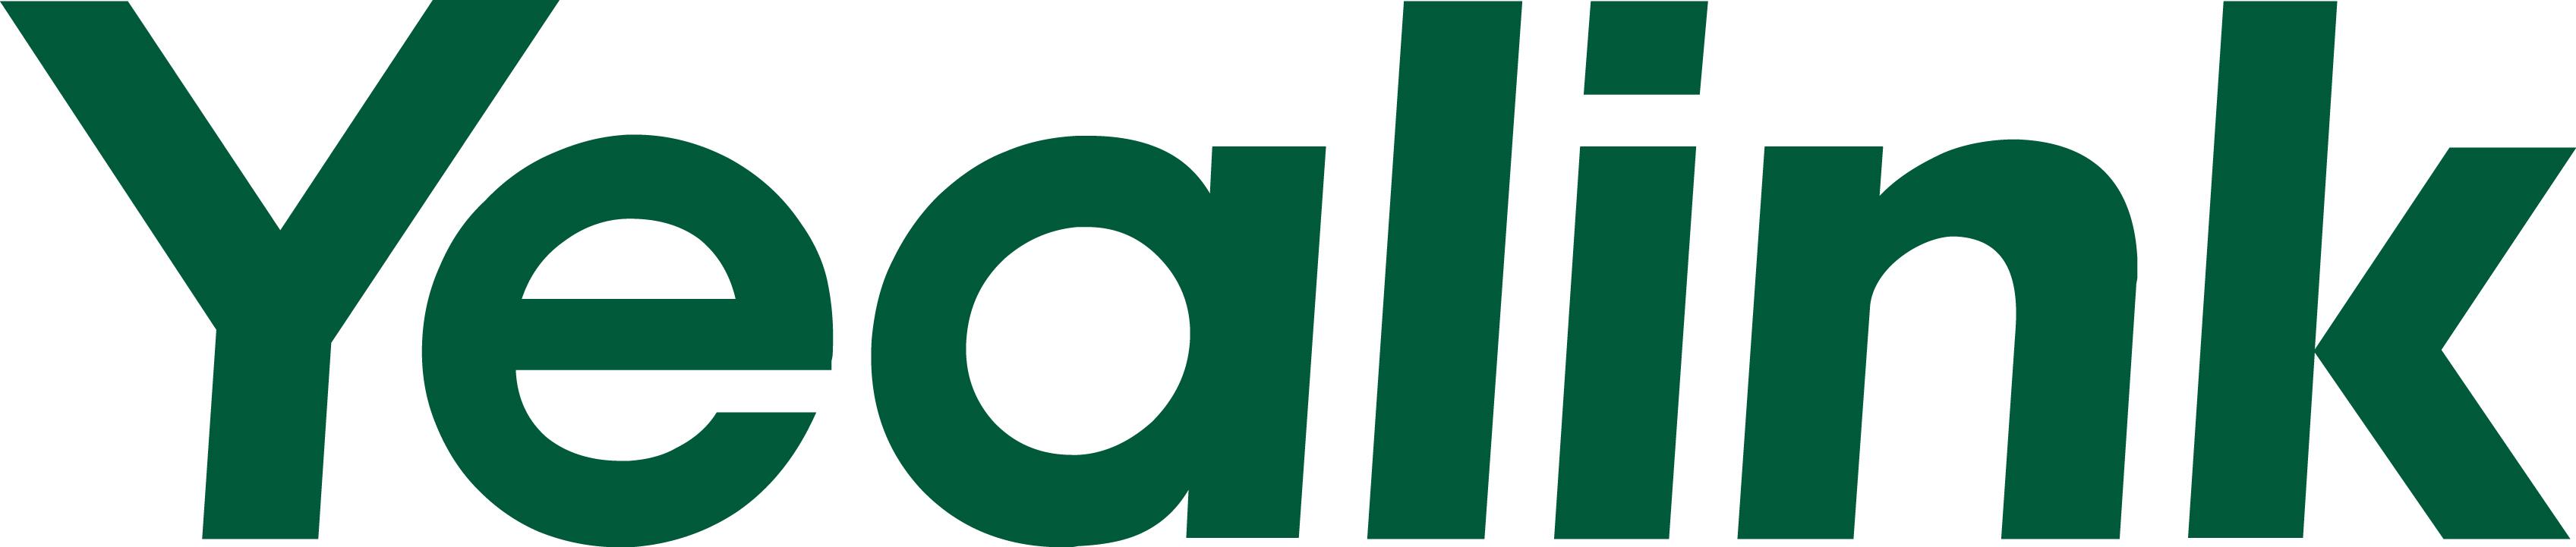 logo 标识 标志 设计 矢量 矢量图 素材 图标 3393_721